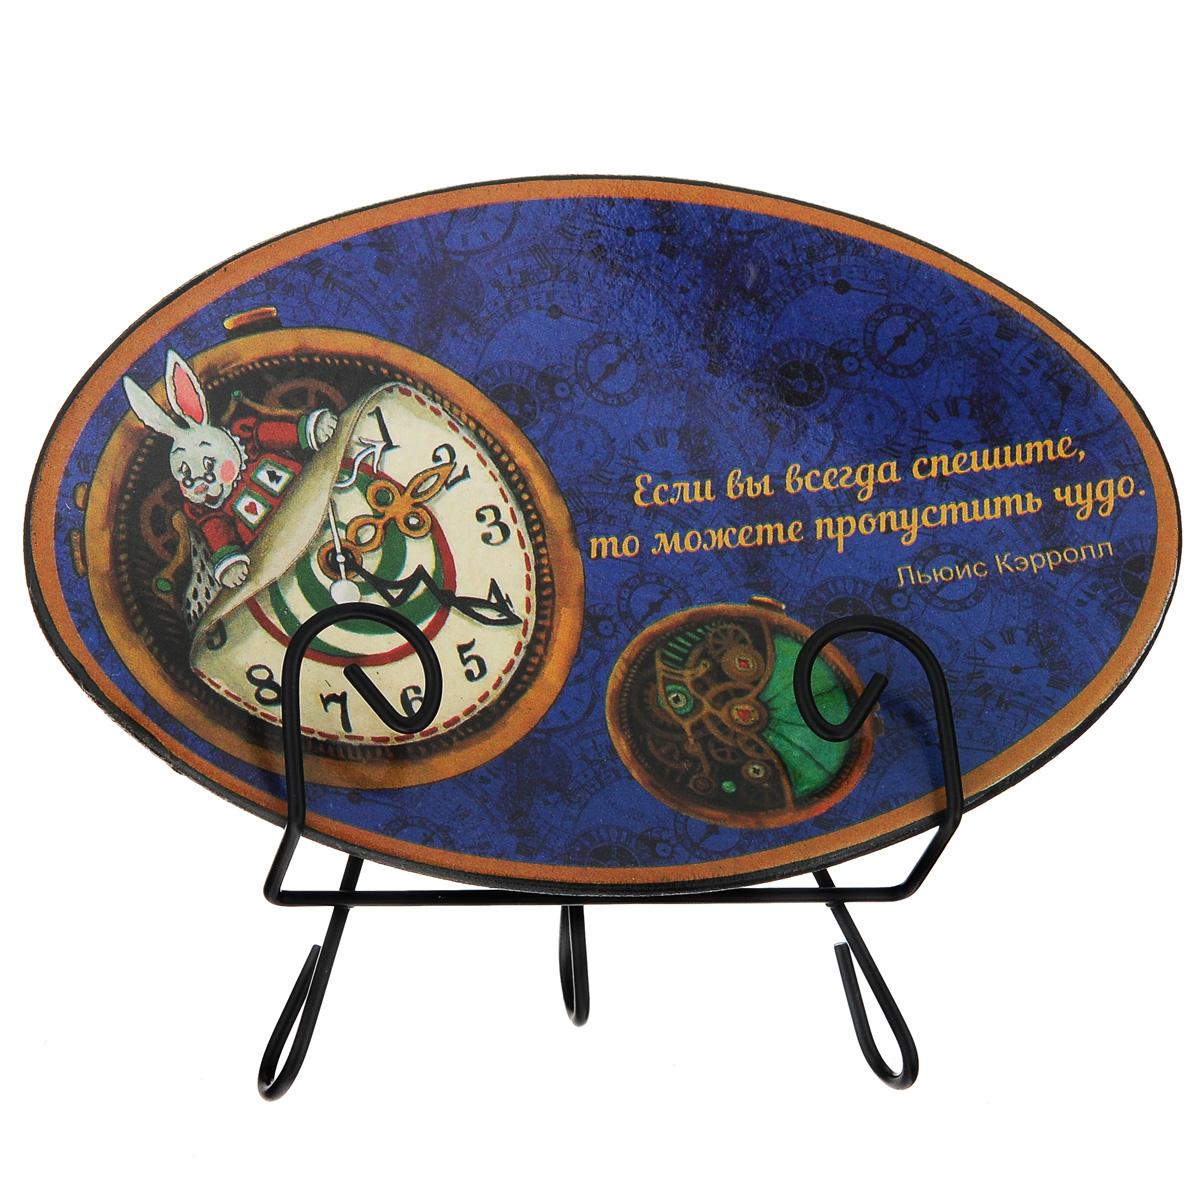 Тарелка декоративная Льюис Кэрролл, на подставке, 15 х 10 см54 009312Декоративная тарелка на подставке станет прекрасным дополнением к декору практически любого помещения, будь то кухня, столовая, гостиная, холл или рабочий кабинет. Тарелка выполнена из доломитовой керамики, подставка в виде треноги,благодаря которой сувенир удобно и быстро располагается на любой горизонтальной поверхности, - из черного металла. Поверхность декорирована изображениям часов и Белого Кролика, а также цитатой из знаменитого произведения Льюиса Кэрролла: Если вы всегда спешите, то можете пропустить чудо. Очаровательная декоративная тарелка - замечательный подарок друзьям и близким людям. Размер тарелки (без подставки): 15,2 см х 10 см х 1,5 см. Размер сувенира с подставкой: 15,2 см х 8 см х 12 см.